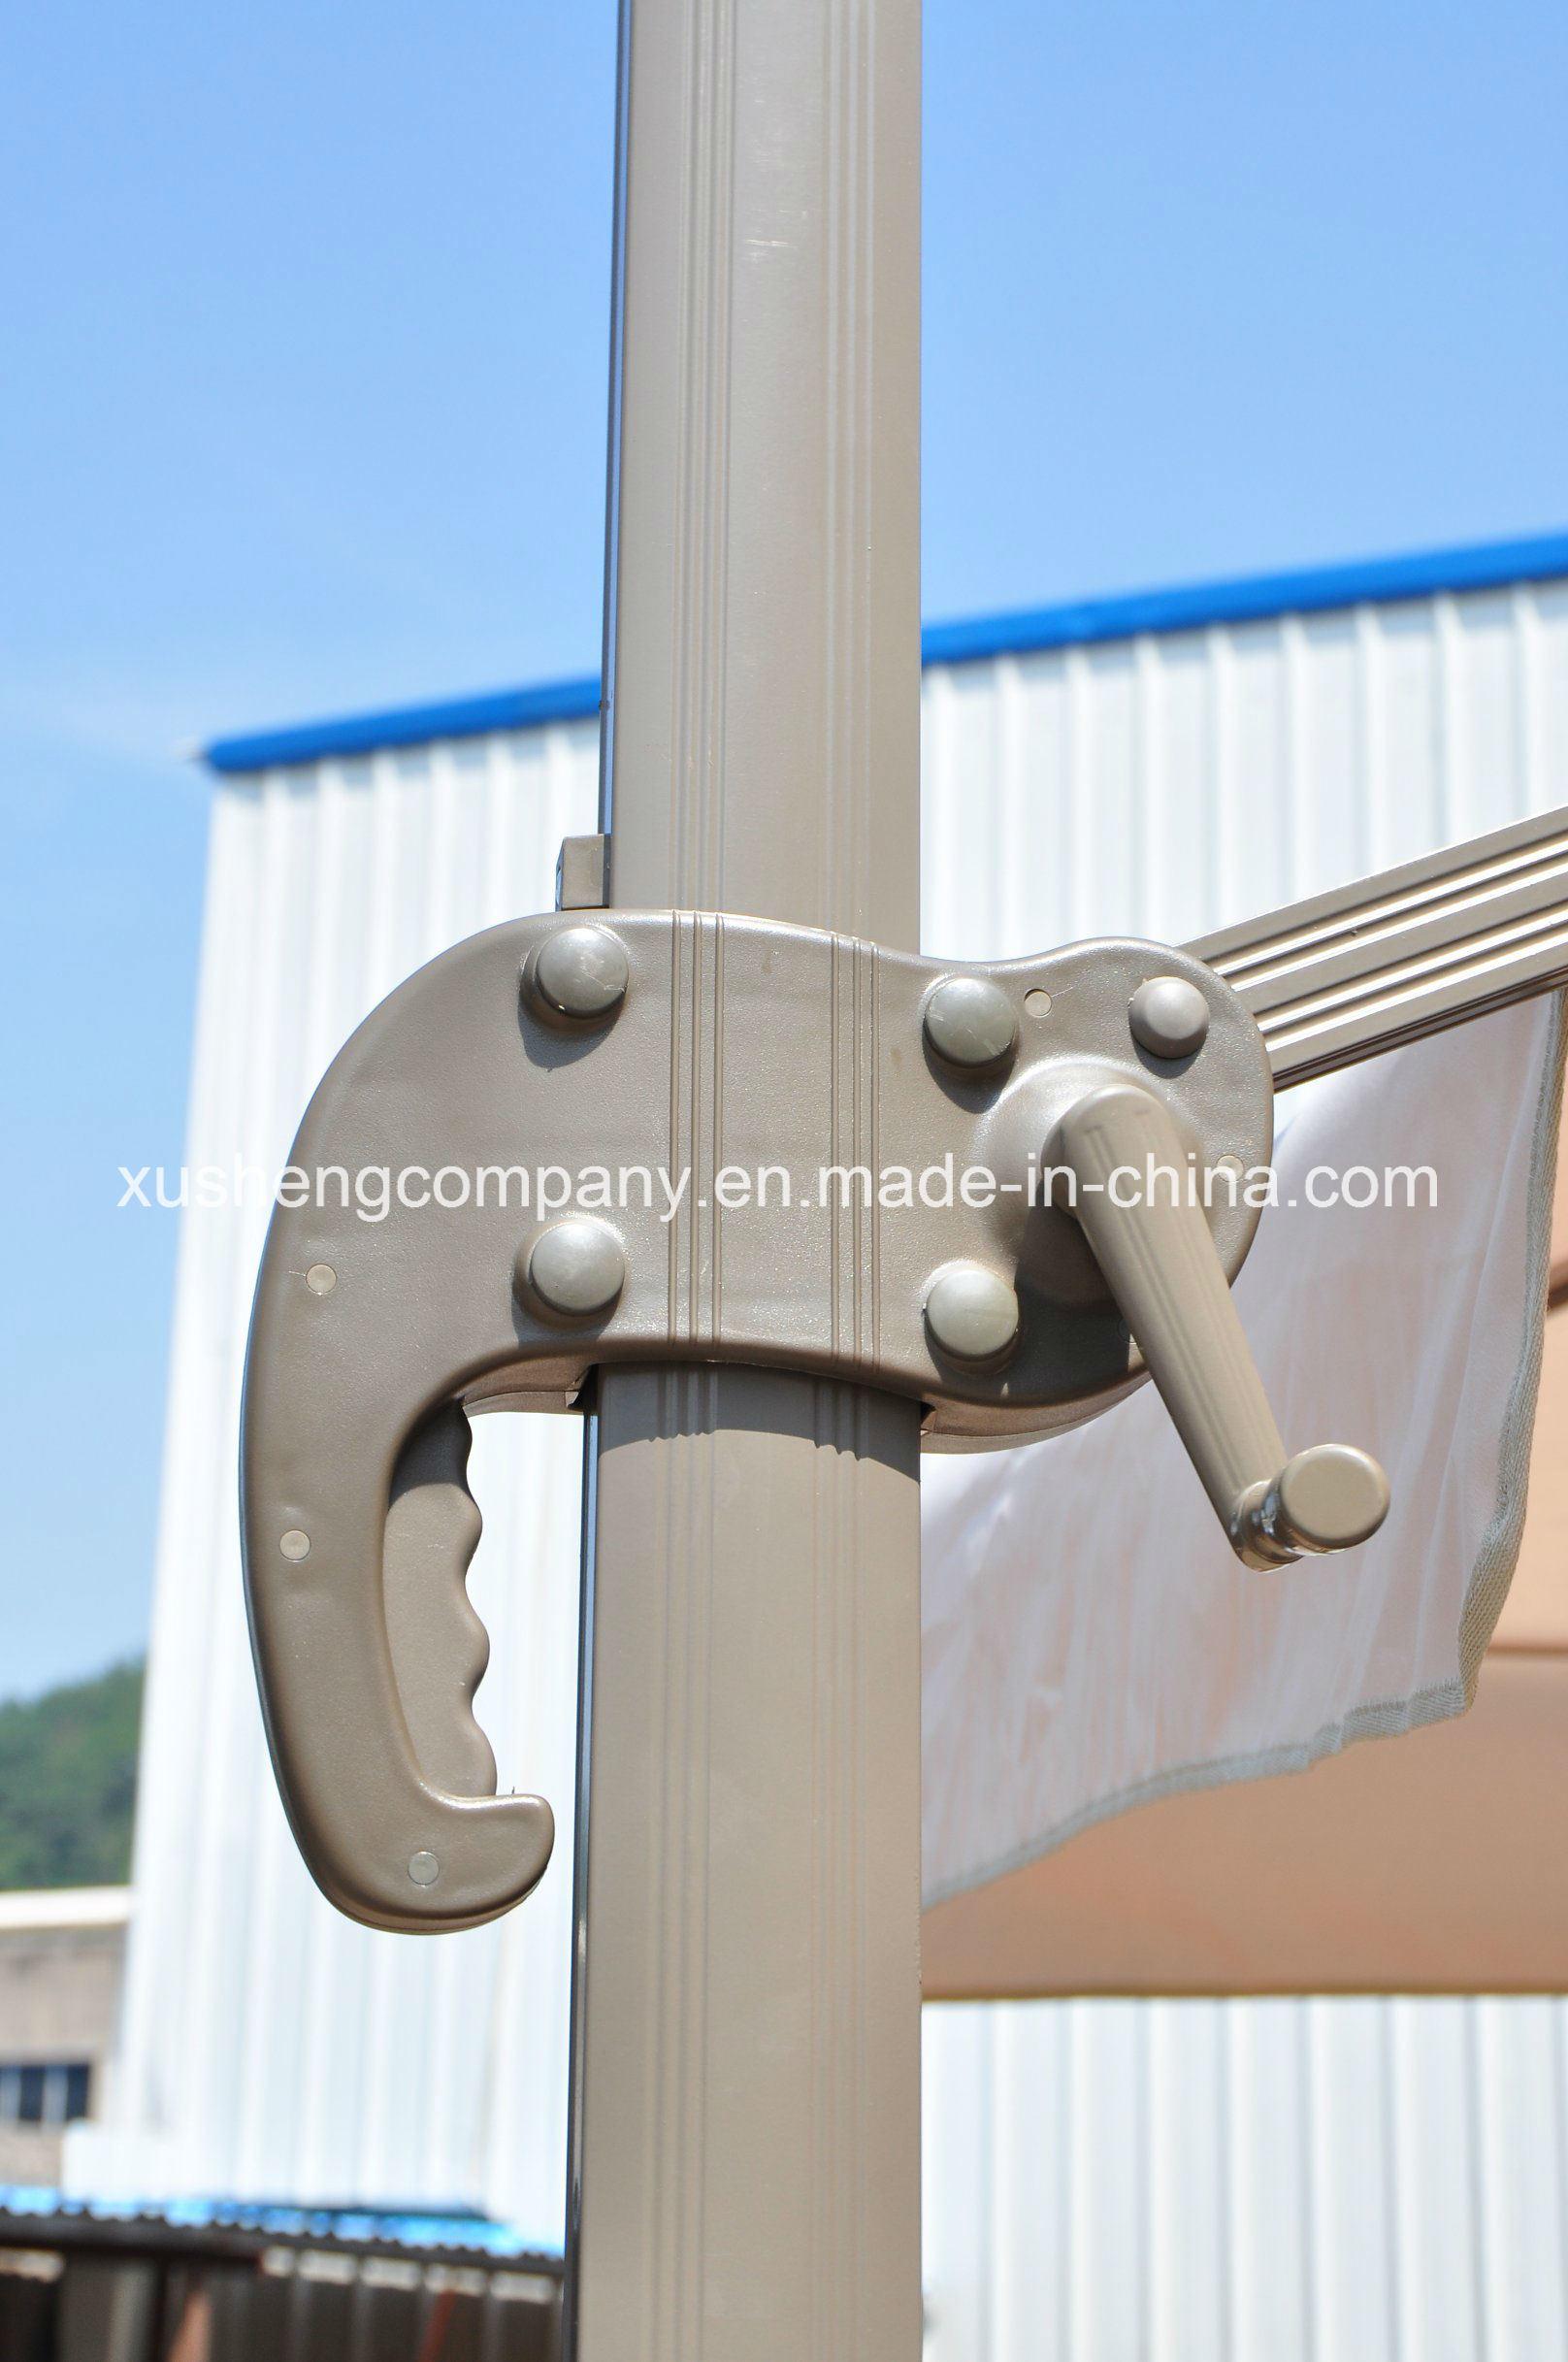 Patio 10FT Square Outdoor Rotating Roman Garden Umbrella, Parasol with Cross Base